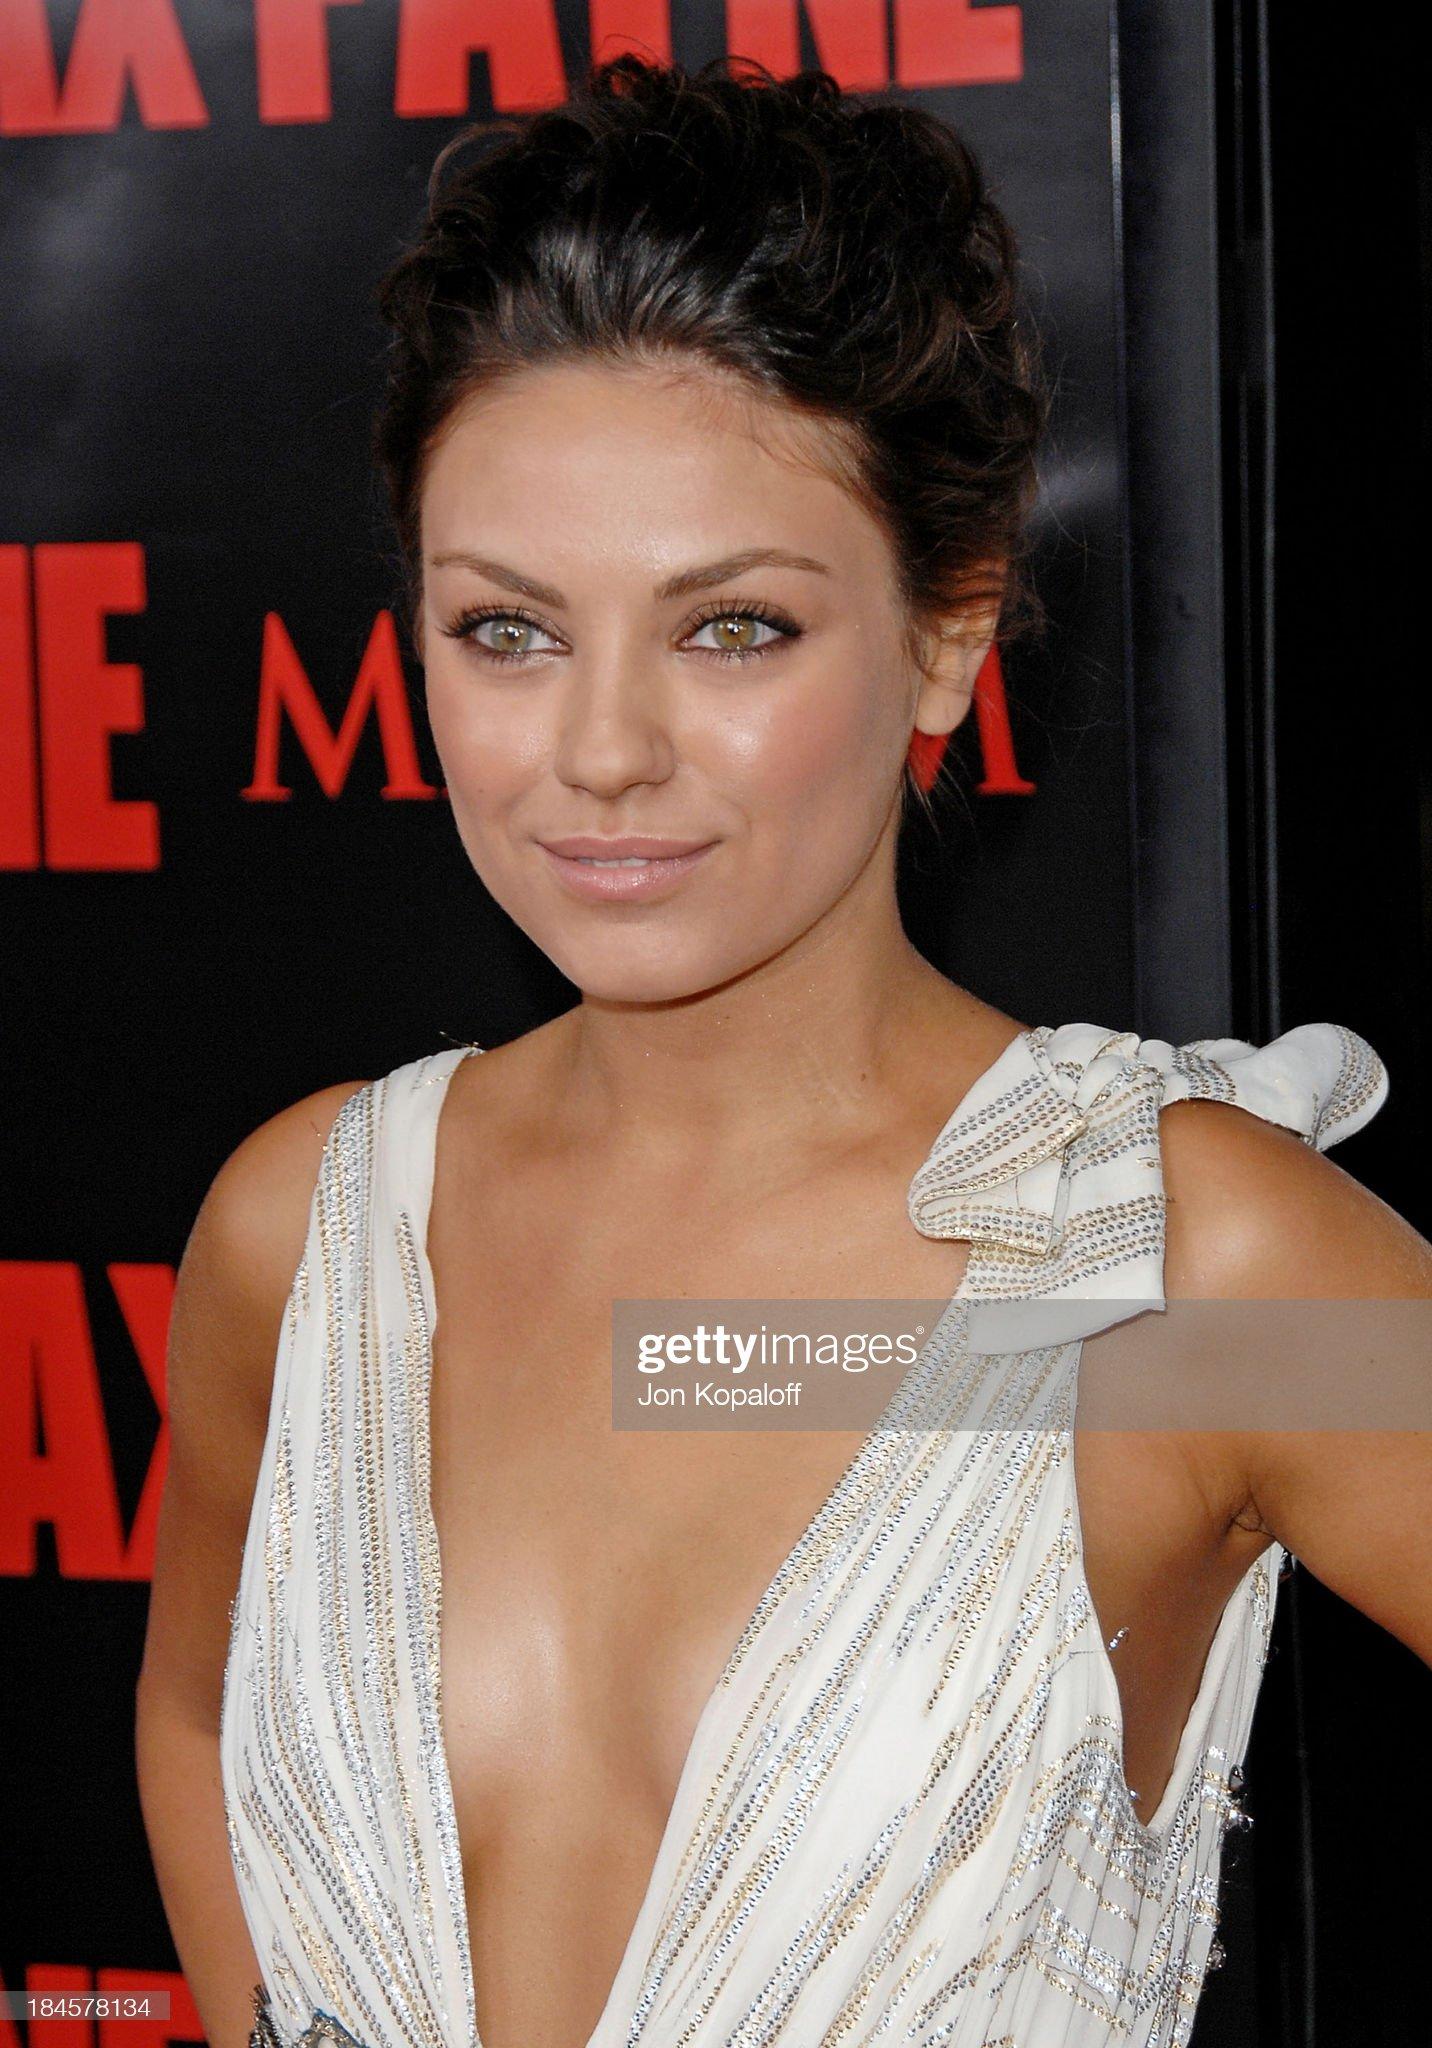 COLOR DE OJOS (clasificación y debate de personas famosas) - Página 8 Actress-mila-kunis-arrives-at-the-los-angeles-premiere-max-payne-at-picture-id184578134?s=2048x2048